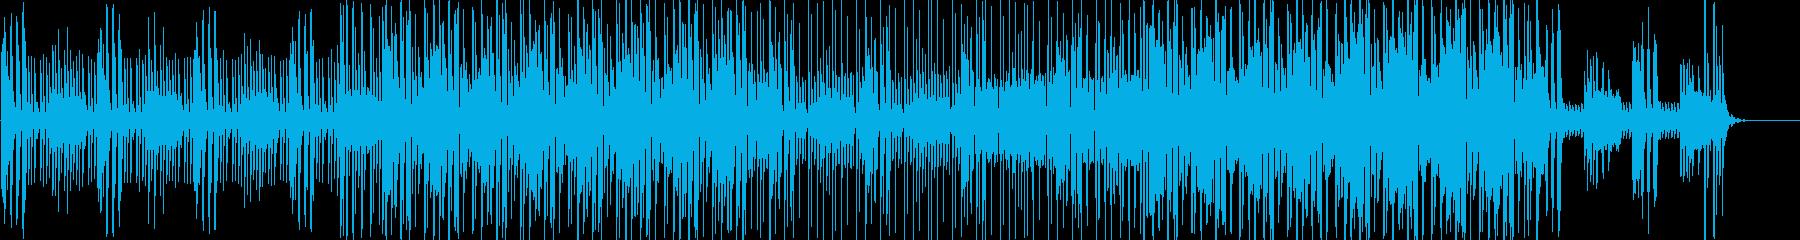 おしゃれなポップの曲の再生済みの波形